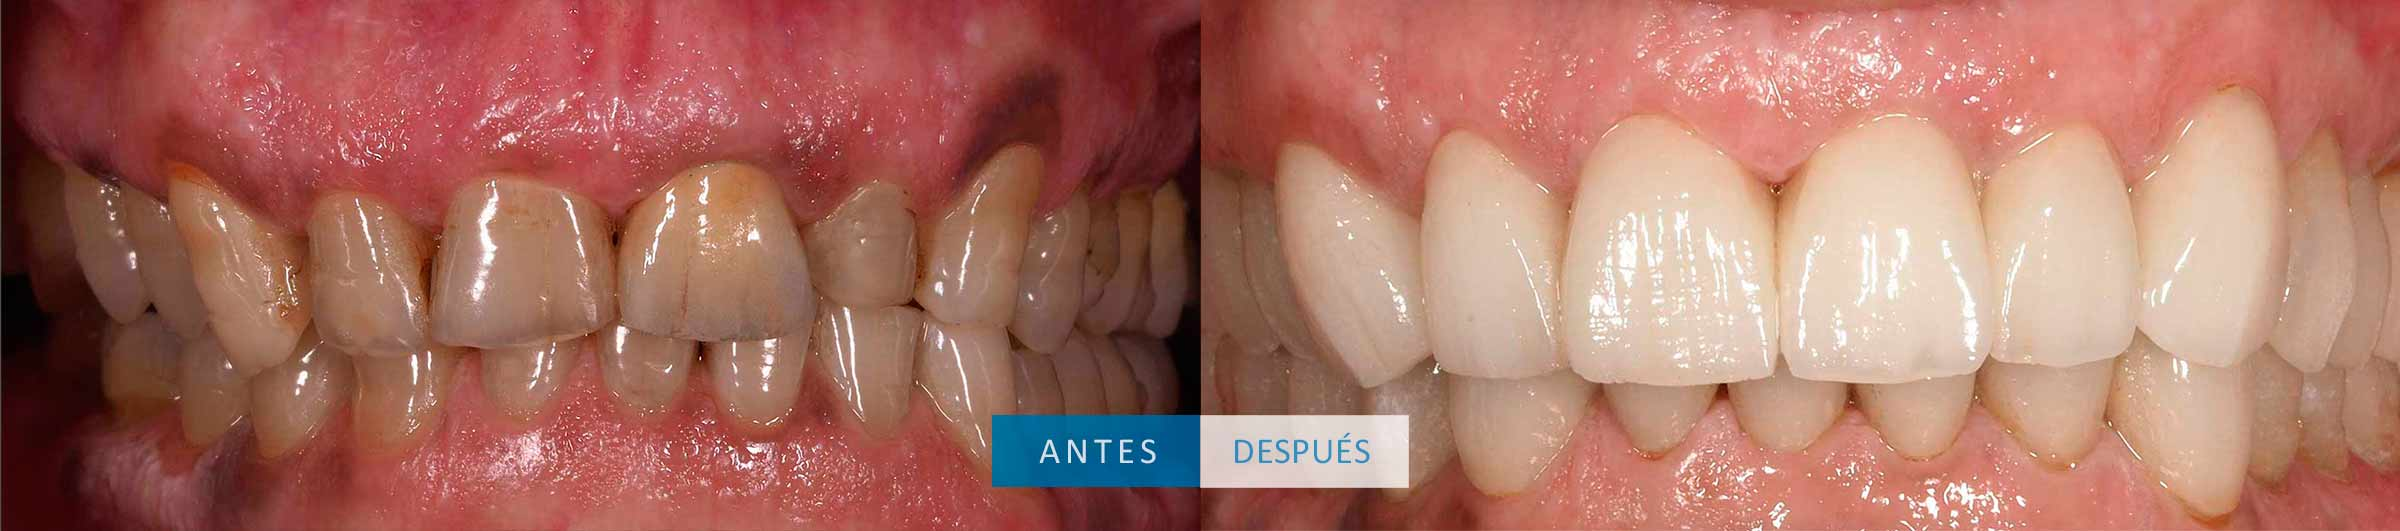 Tratamiento con coronas dentales